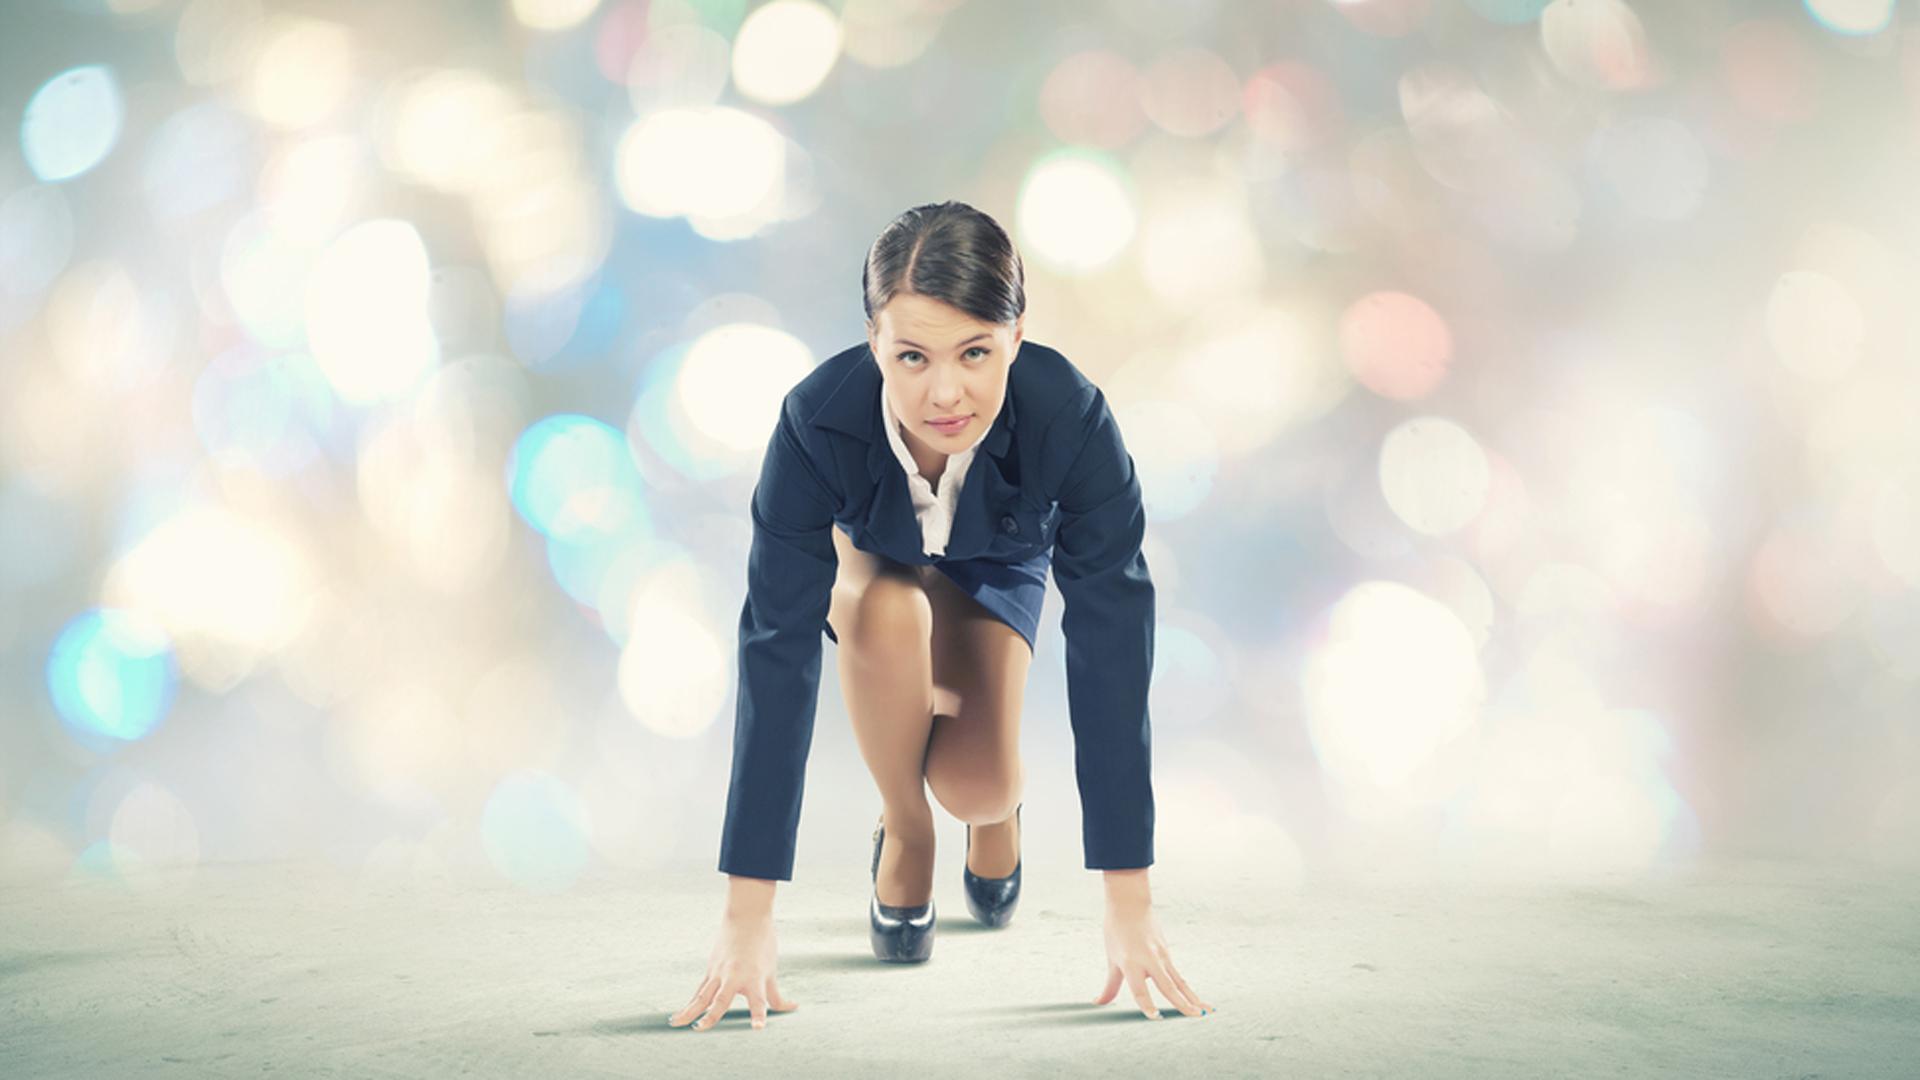 Las mujeres ocupan ahora el 29% de los cargos de liderazgo senior a nivel mundial